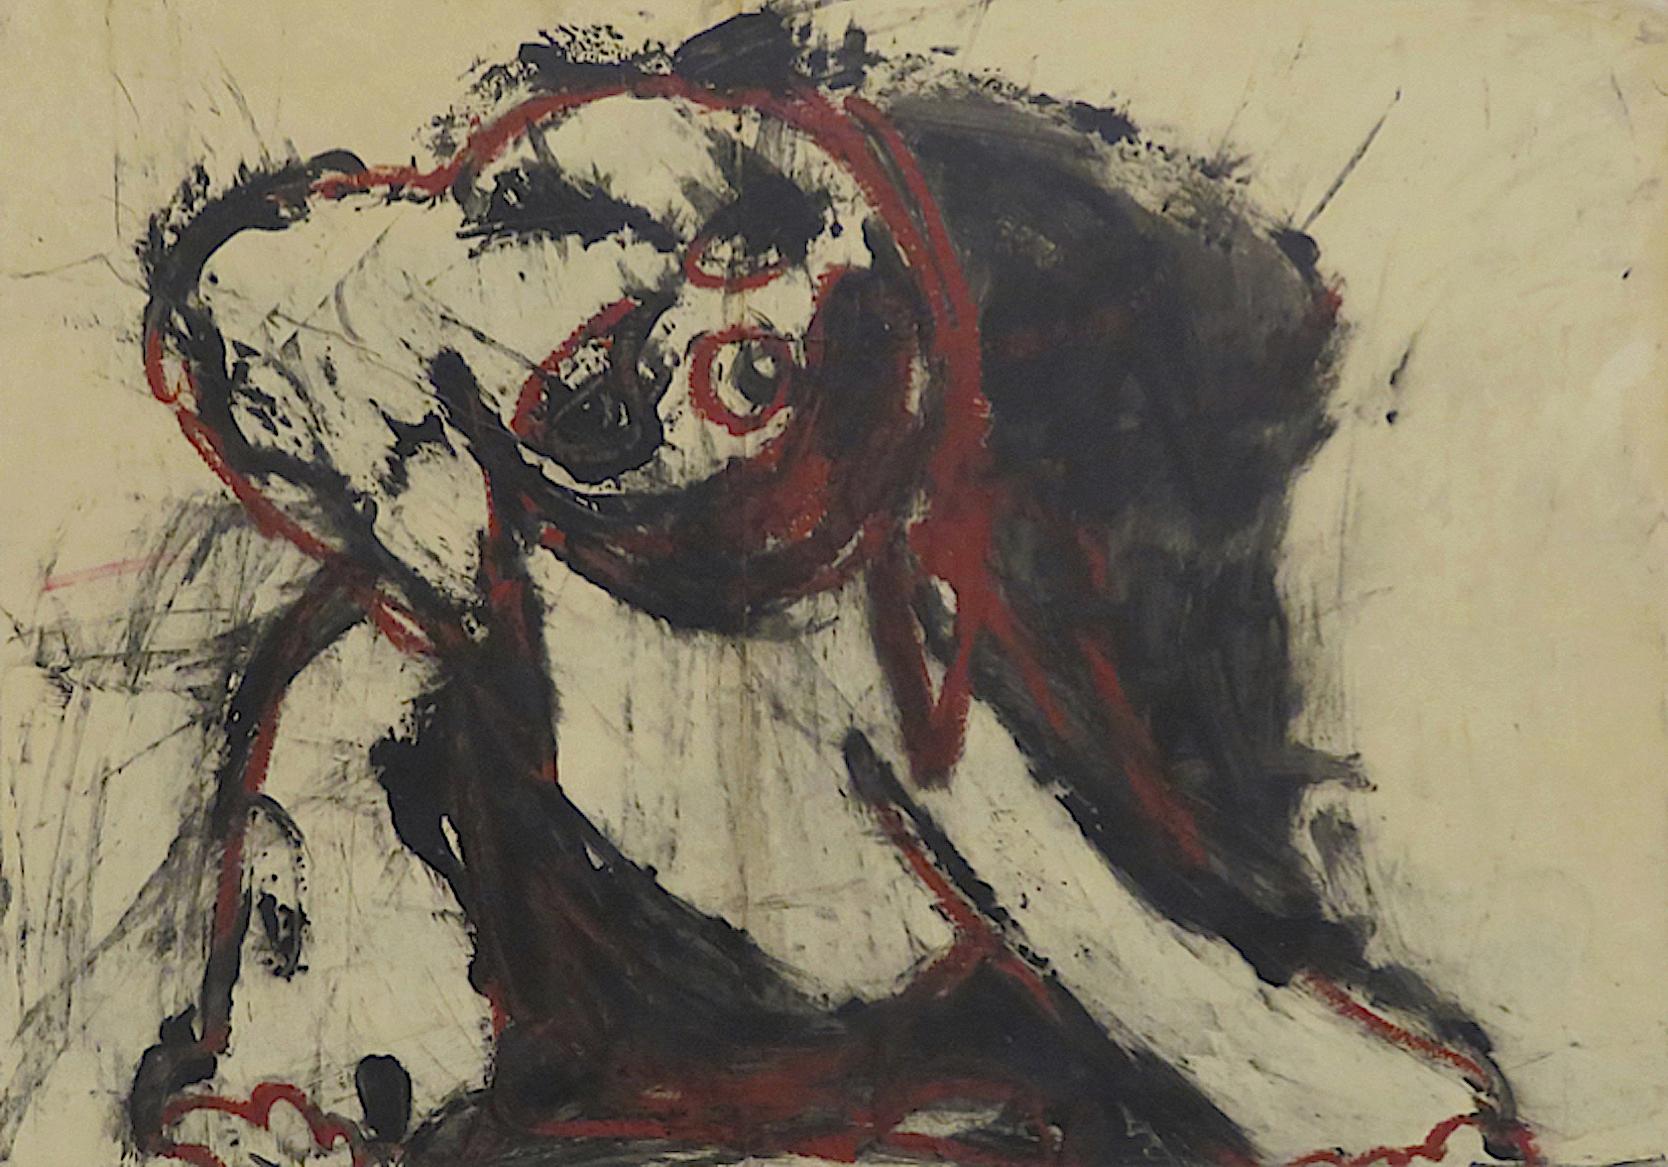 De la série « métamorphoses », 2014. Technique mixte sur papier, marouflé sur panneau de bois, 55 x 78 cm.